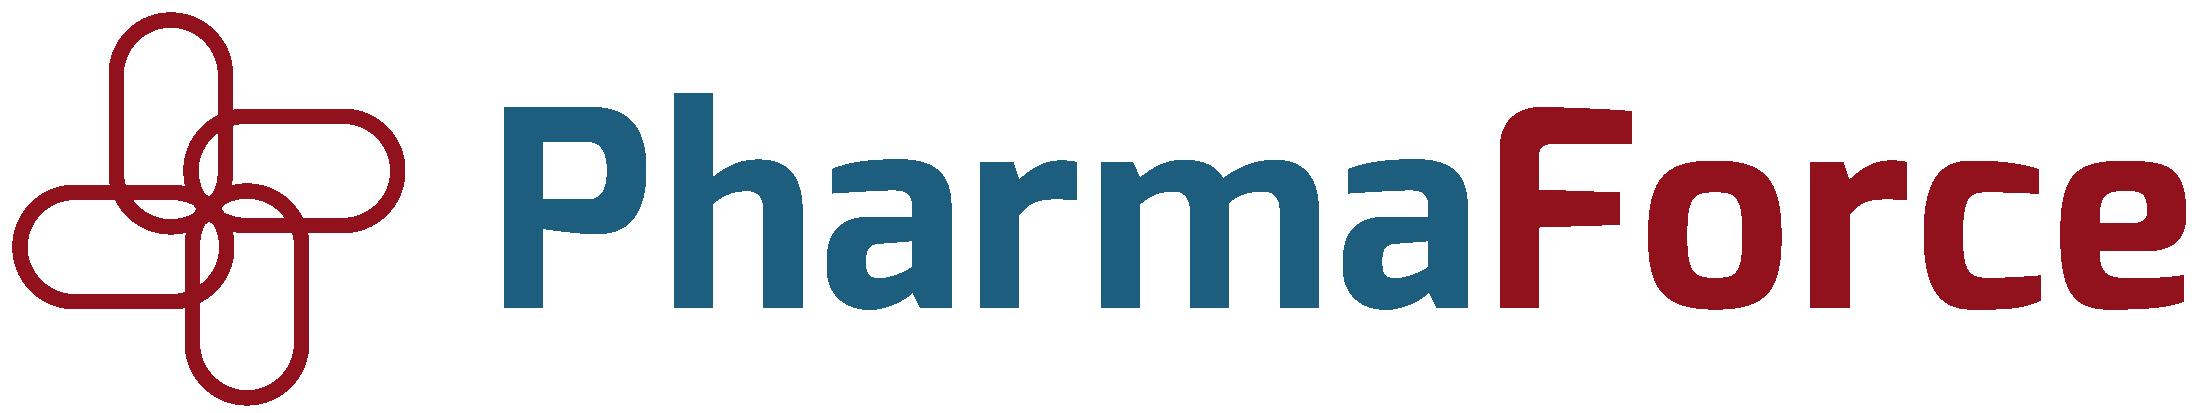 PharmaForce Attendee List